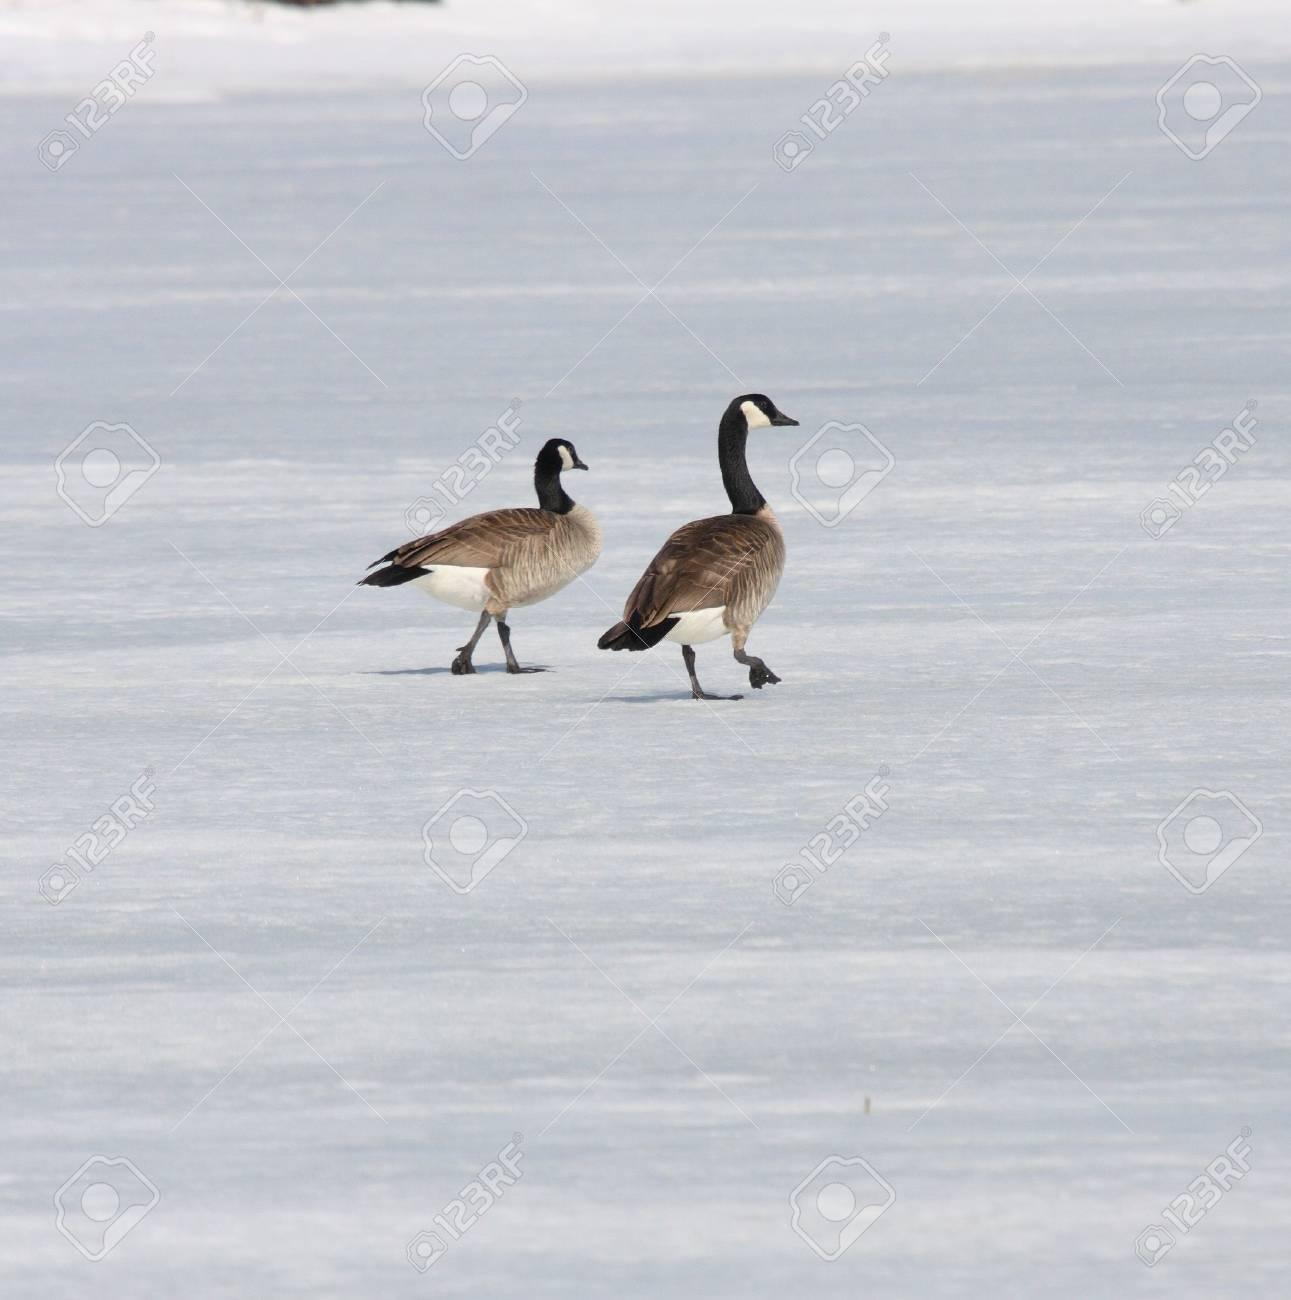 Canada Goose.  Photo taken at Lower Klamath National Wildlife Refuge, CA. Stock Photo - 7847602